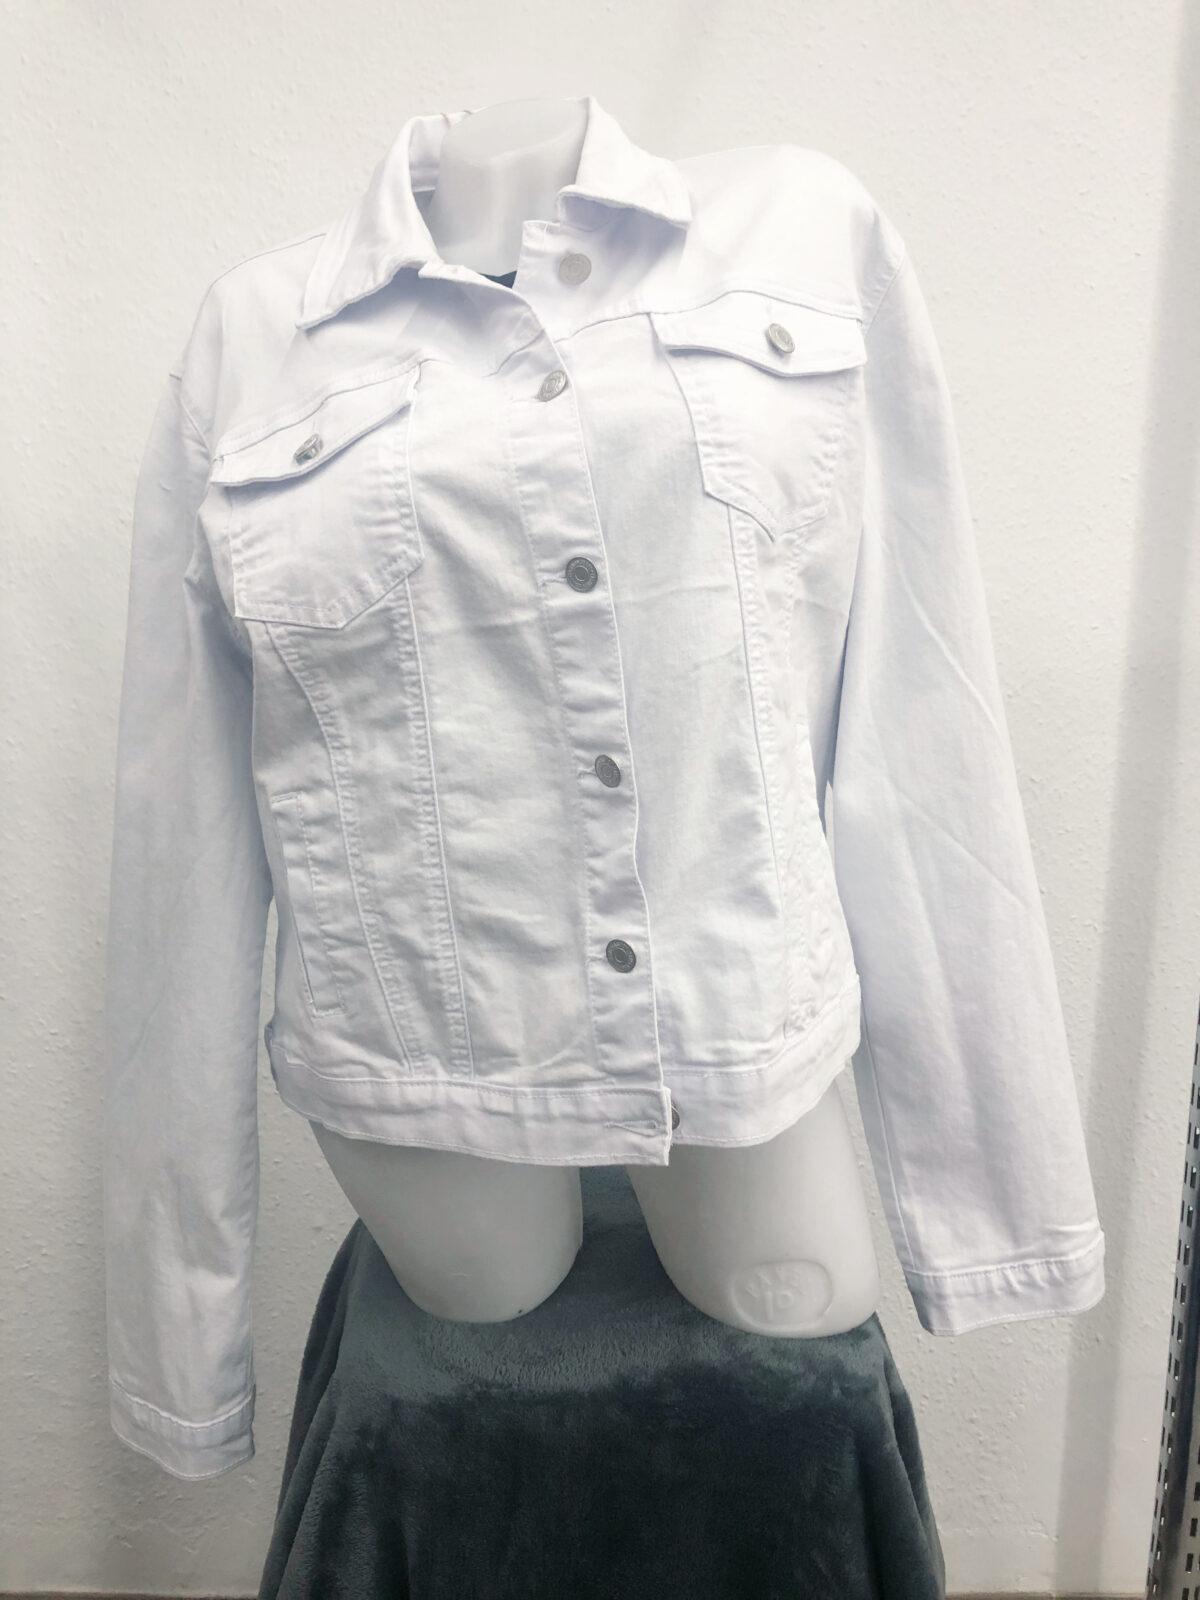 IMG 4387 scaled Osili - Fashion - Divat